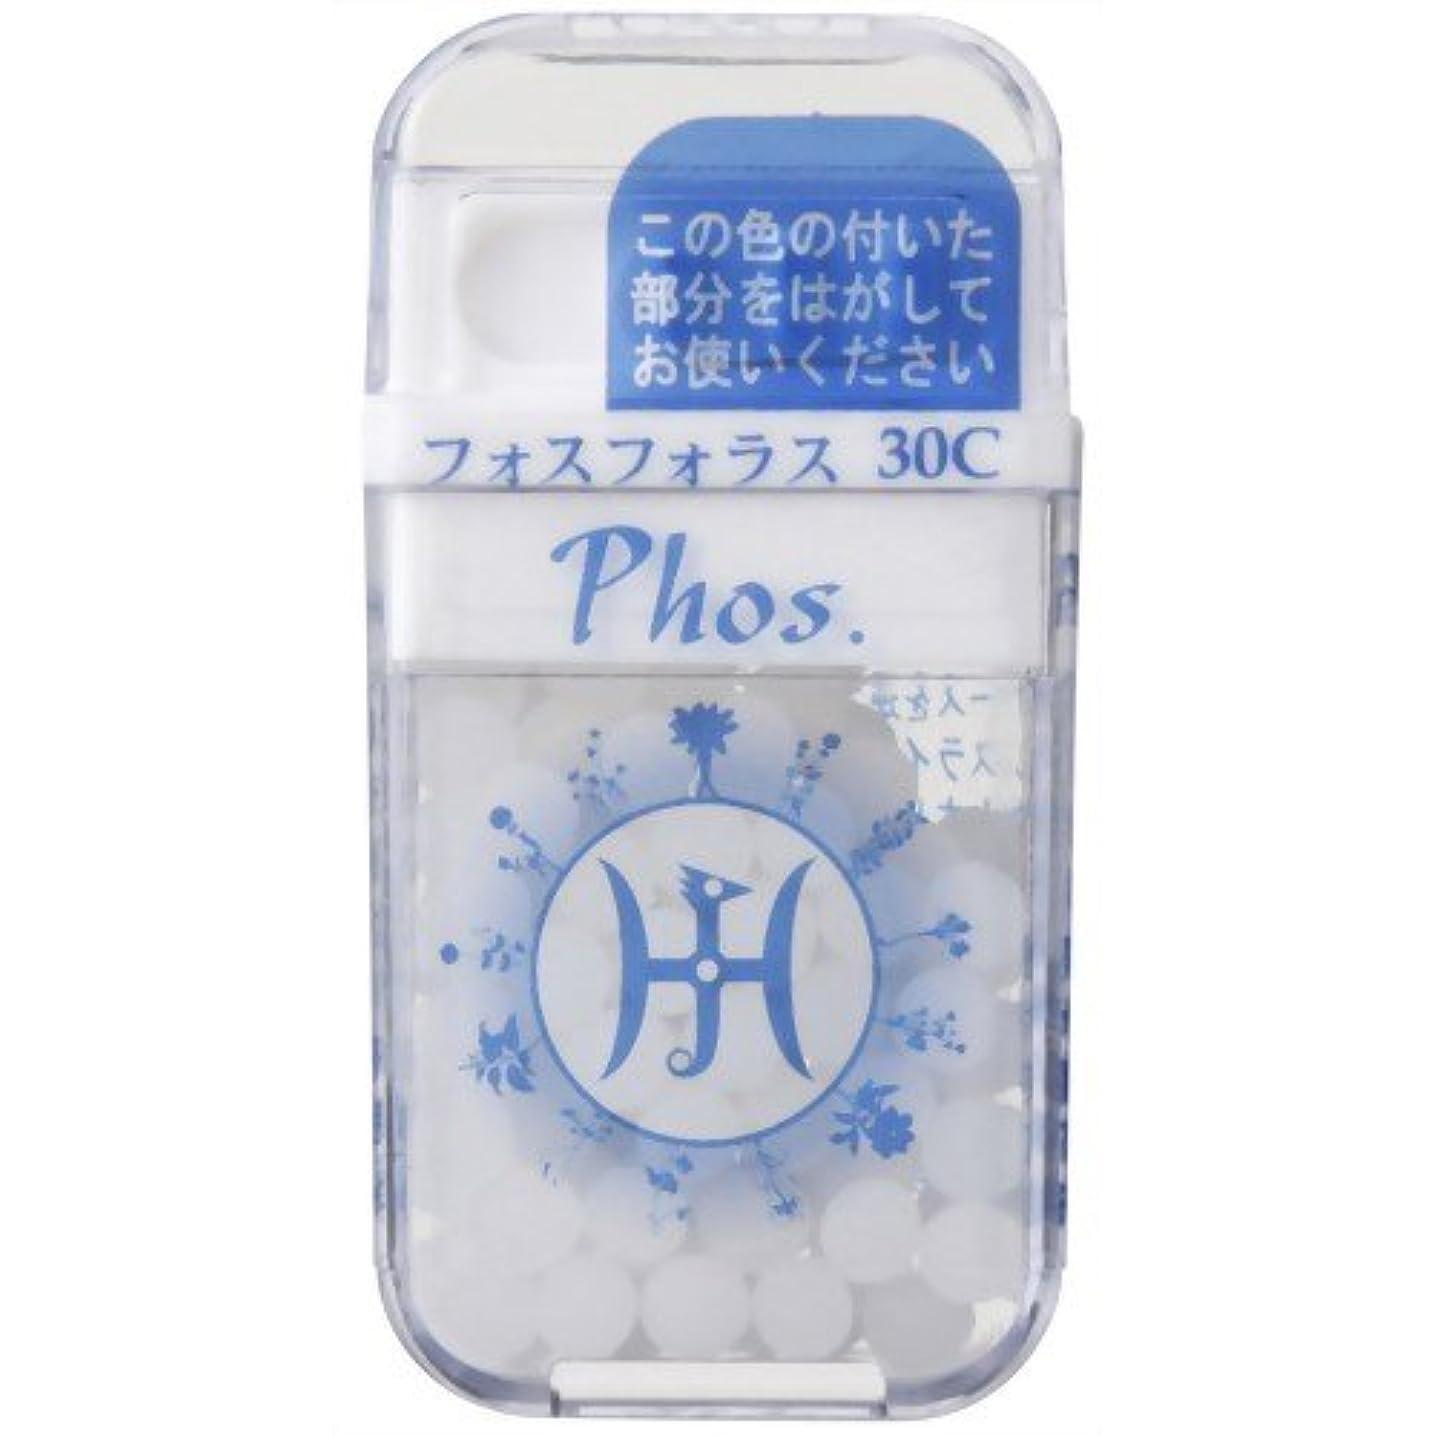 すずめ田舎者活性化するホメオパシージャパンレメディー Phos.  フォスフォラス 30C (大ビン)